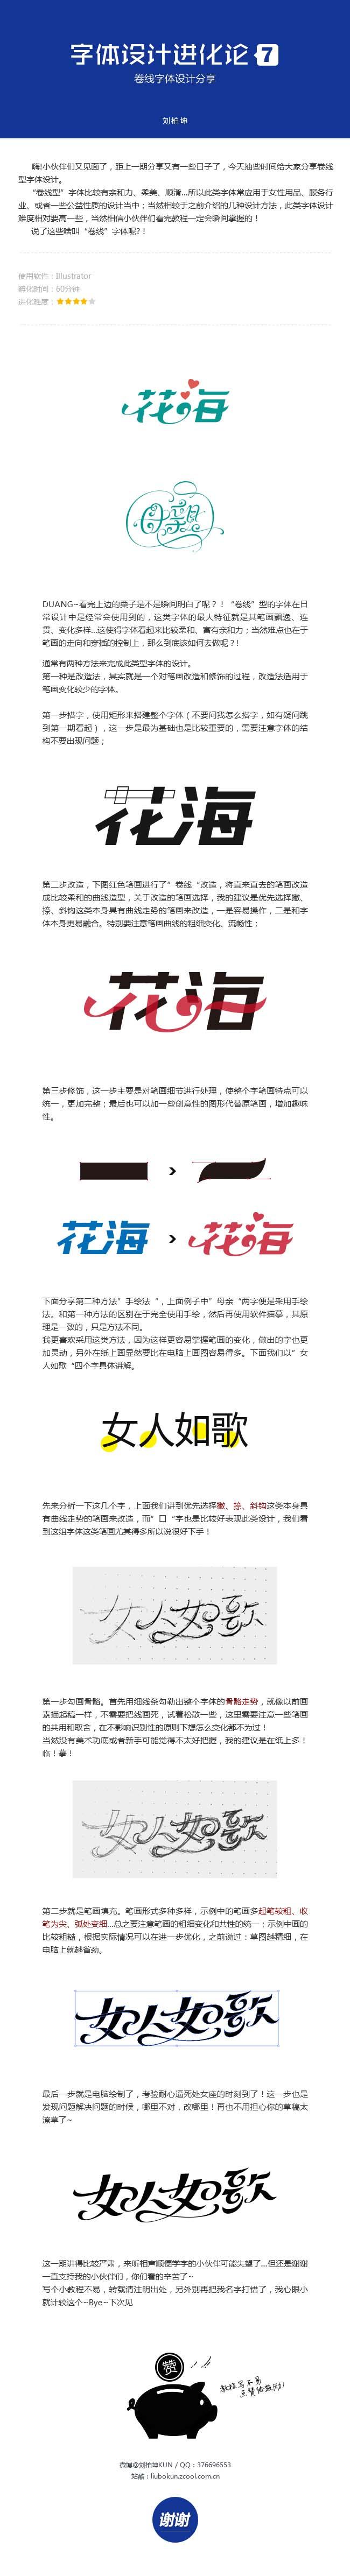 字体知识,卷线字体设计分享_www.16xx8.com